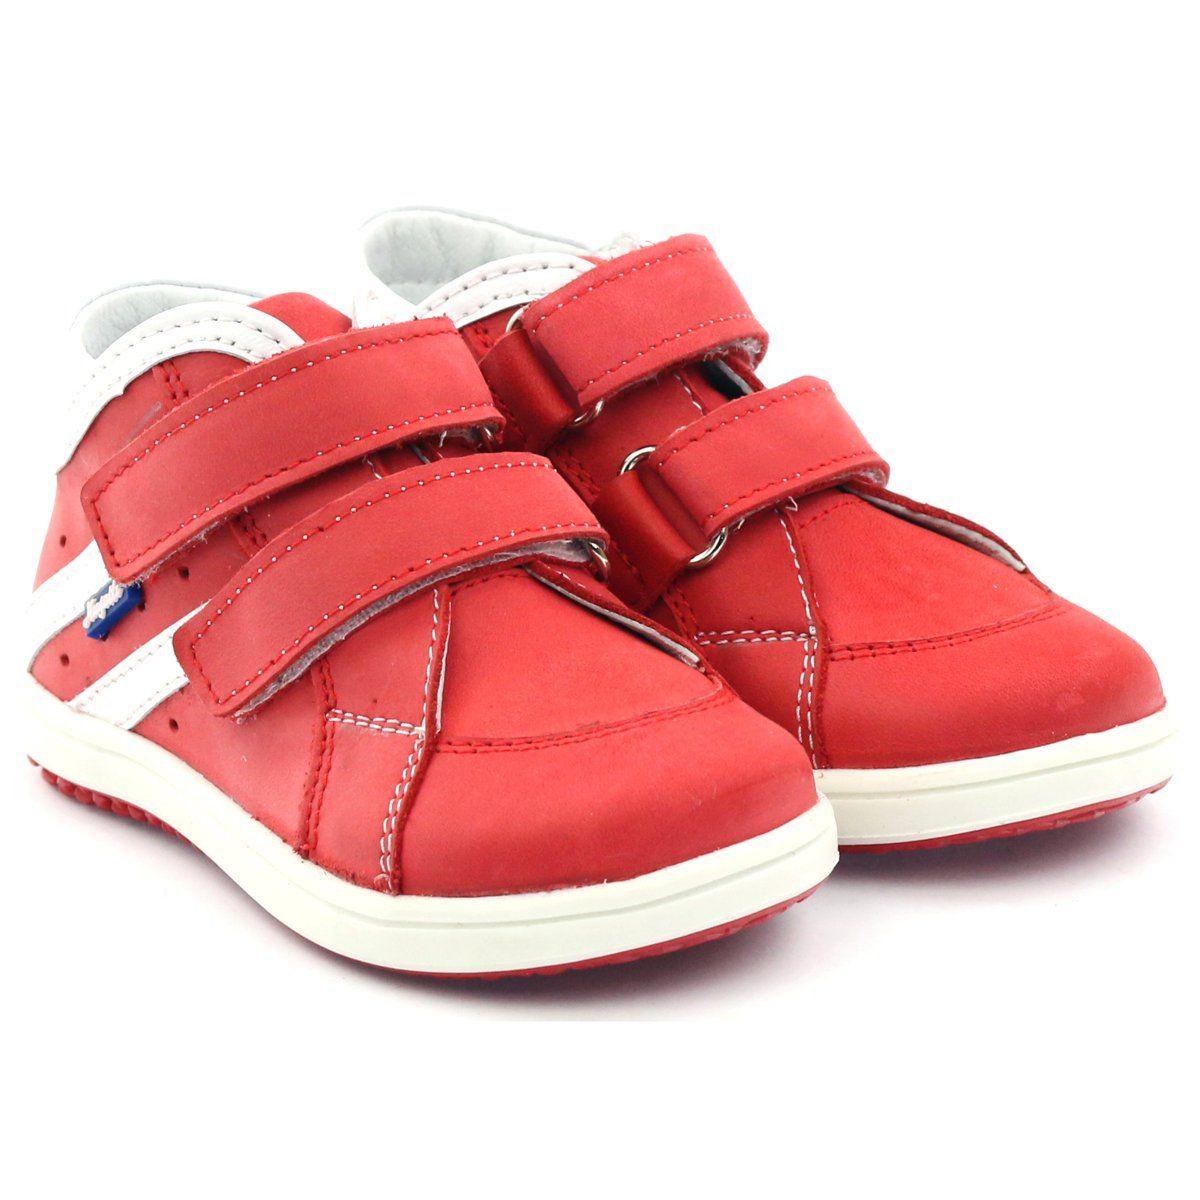 Trzewiki Skorzane Rzepy Hugotti Czerwone Biale Leather Boots Childrens Shoes Kid Shoes